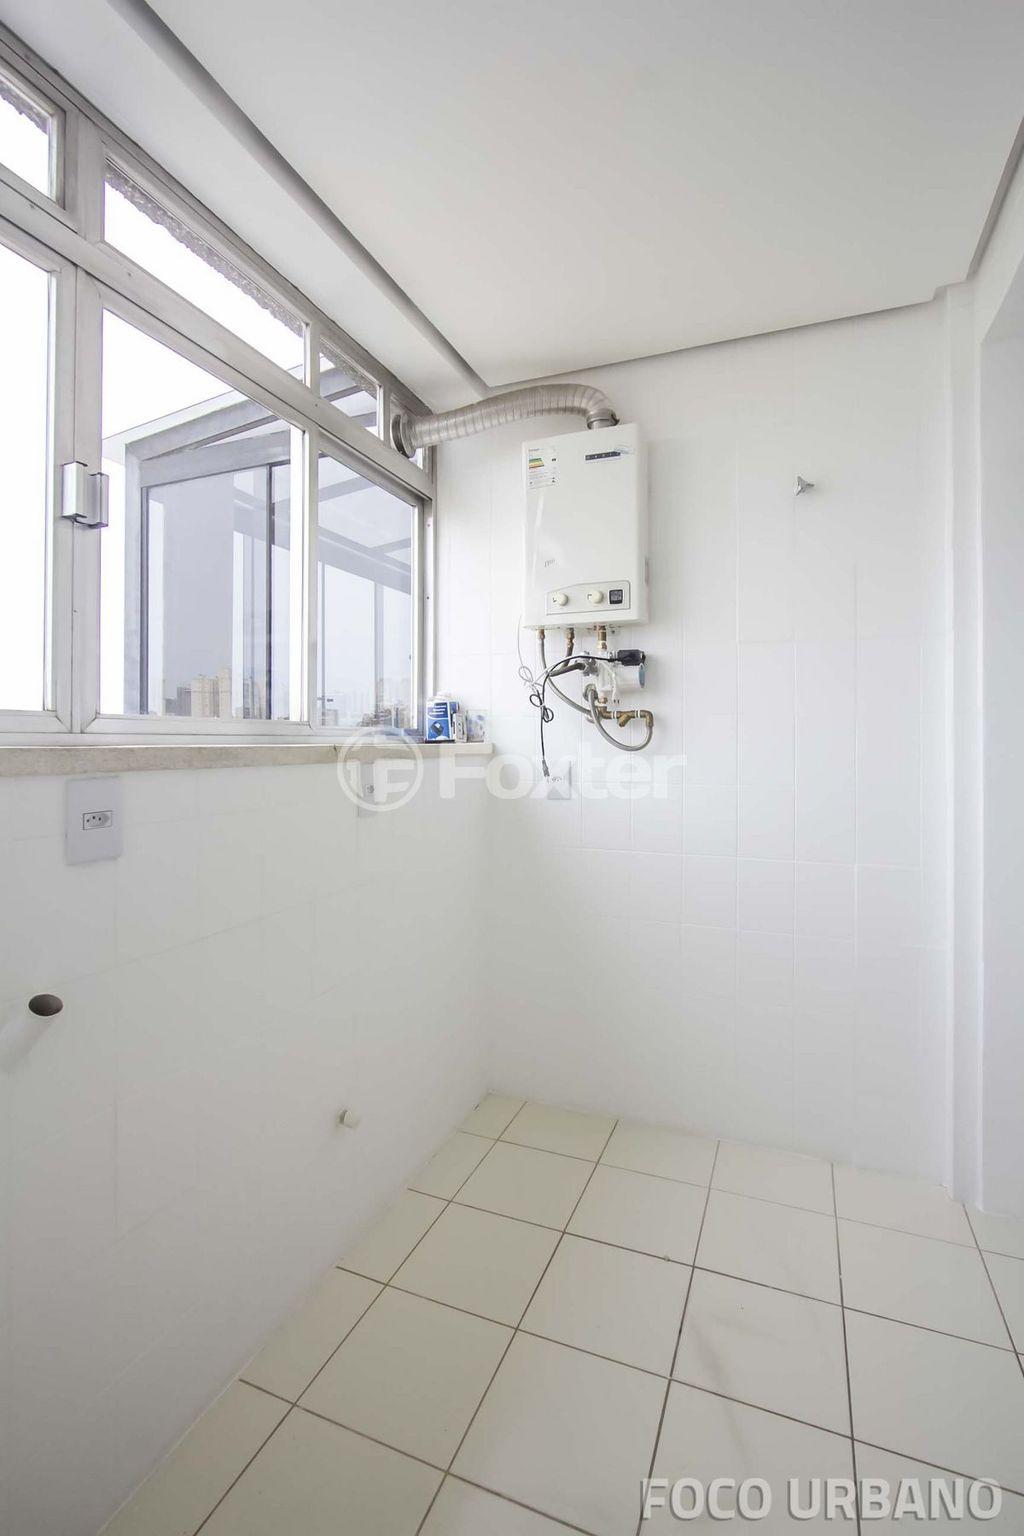 Foxter Imobiliária - Cobertura 2 Dorm (132146) - Foto 14